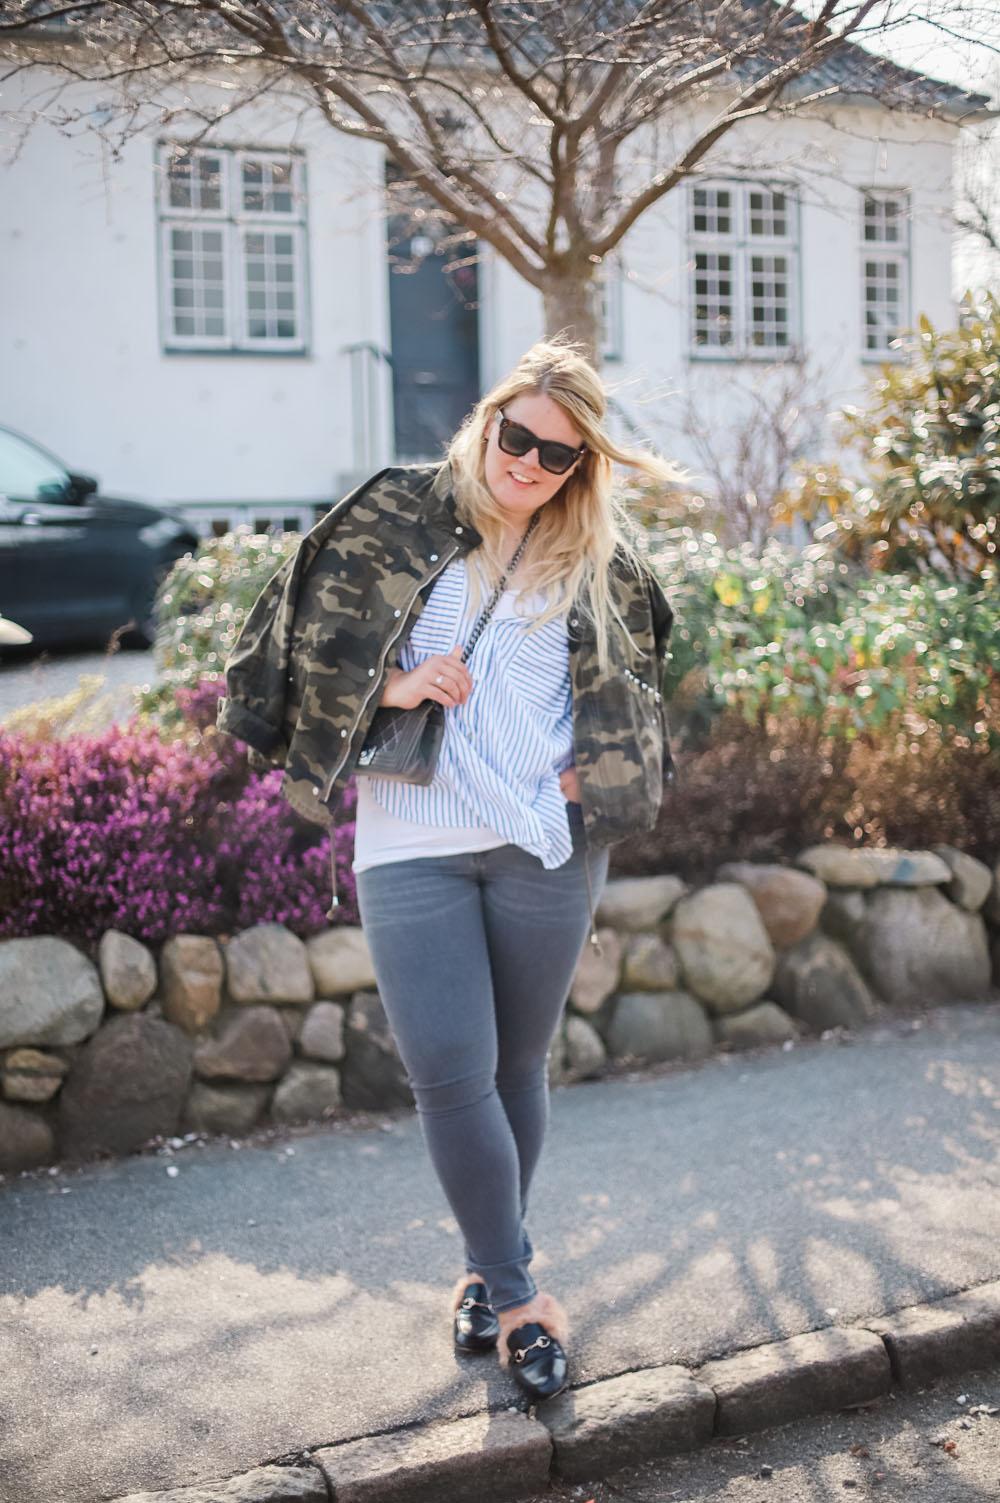 army-jakke-jeans-skjorte-loafers-4-of-5